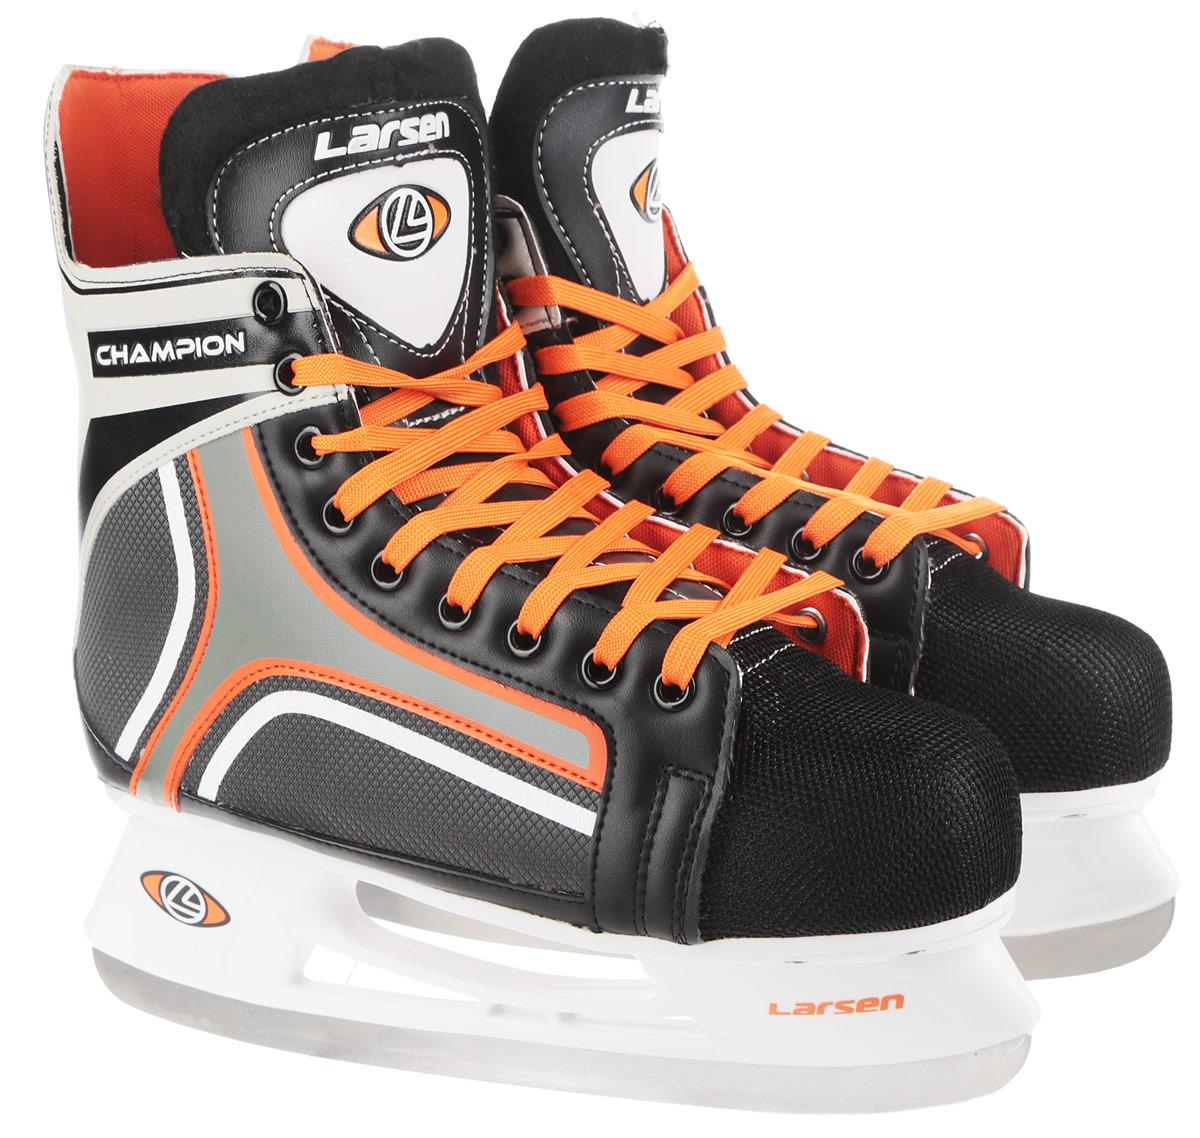 Коньки хоккейные мужские Larsen Champion, цвет: черный, белый, оранжевый. Размер 38ChampionСтильные коньки Champion от Larsen прекрасно подойдут для начинающих игроков в хоккей.Ботинок выполнен из морозоустойчивого поливинилхлорида. Мыс дополненвставкой из полипропилена, покрытого сетчатым нейлоном, которая защитит ноги от ударов.Внутренний слой изготовлен измягкого текстиля, который обеспечит тепло и комфорт во время катания, язычок - из войлока.Плотная шнуровка надежно фиксирует модель на ноге. Голеностоп имеет удобный суппорт. Стелька из EVA с текстильной поверхностью обеспечит комфортное катание. Стойкавыполнена из ударопрочного полипропилена. Лезвие из нержавеющей стали обеспечитпревосходное скольжение. В комплект входят пластиковые чехлы для лезвий. Температура использования до -20°С.